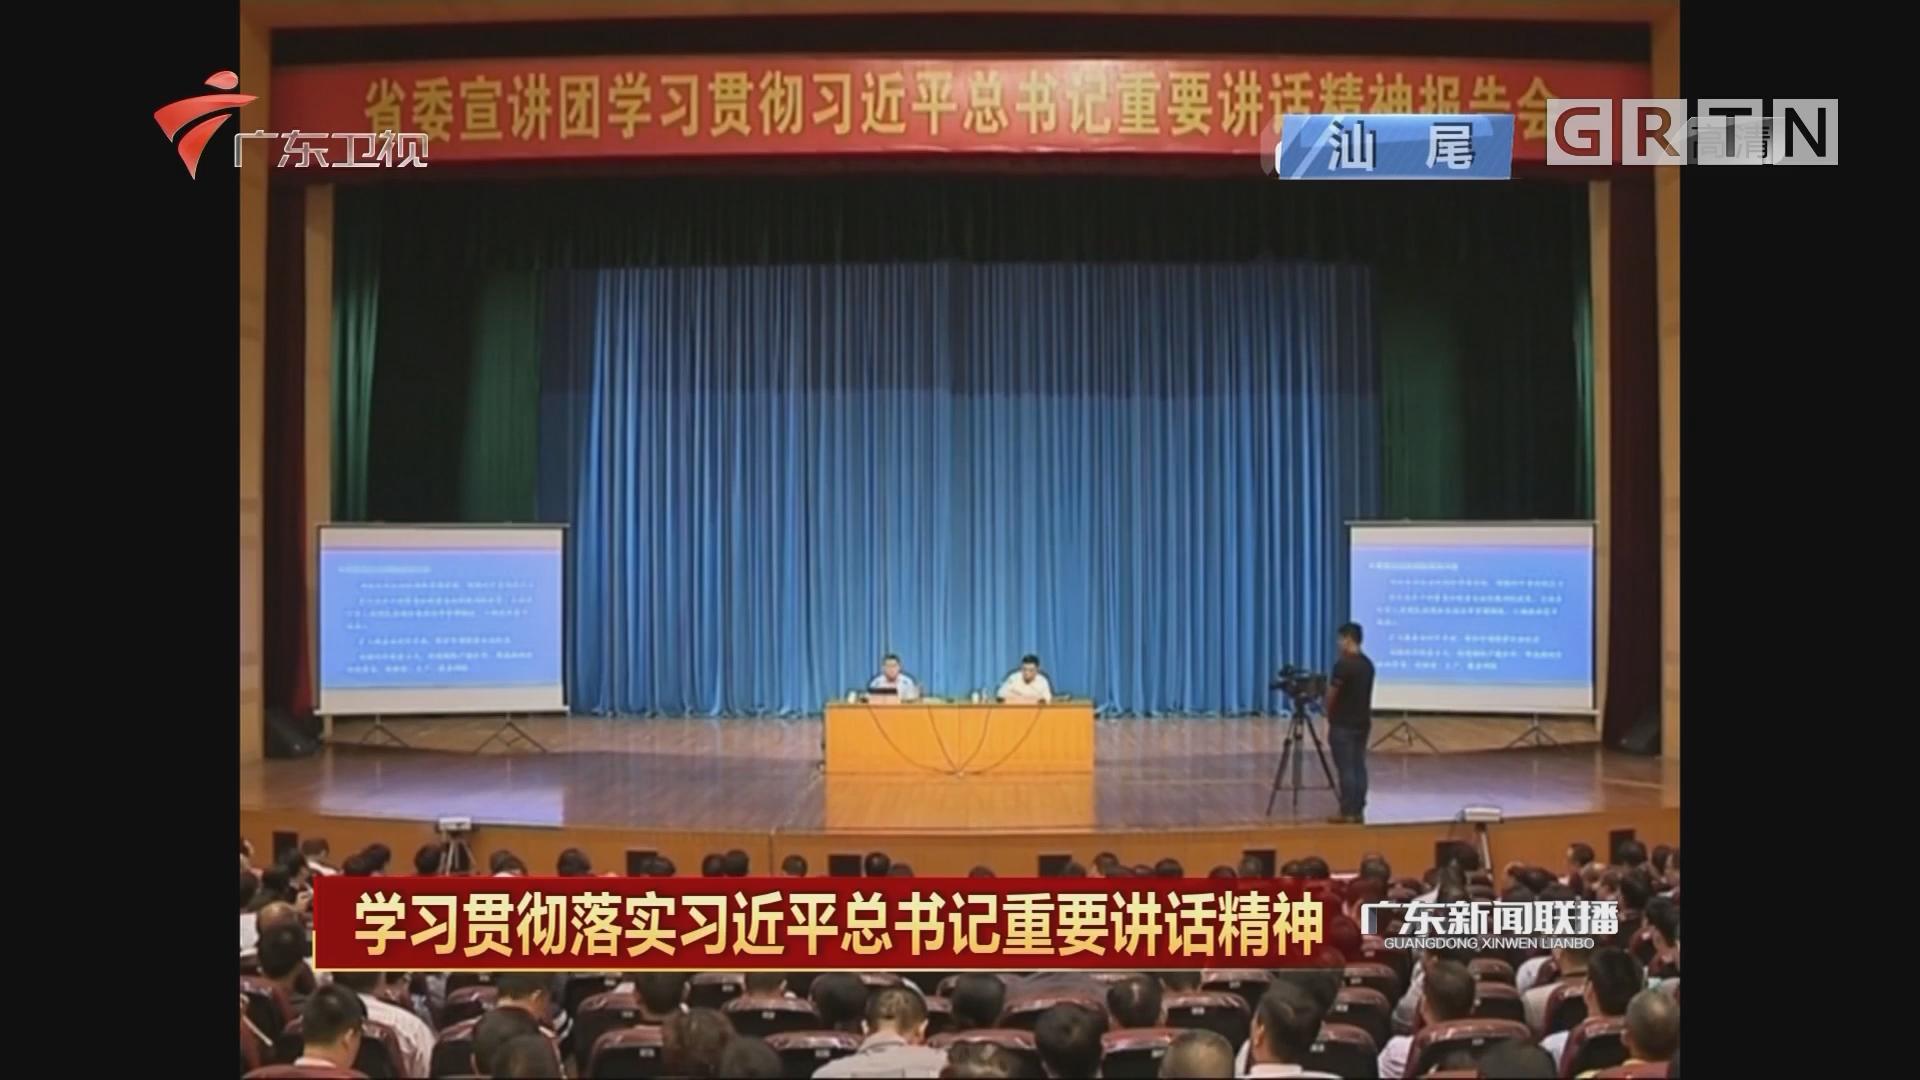 奋力谱写新时代中国特色社会主义事业的广东篇章